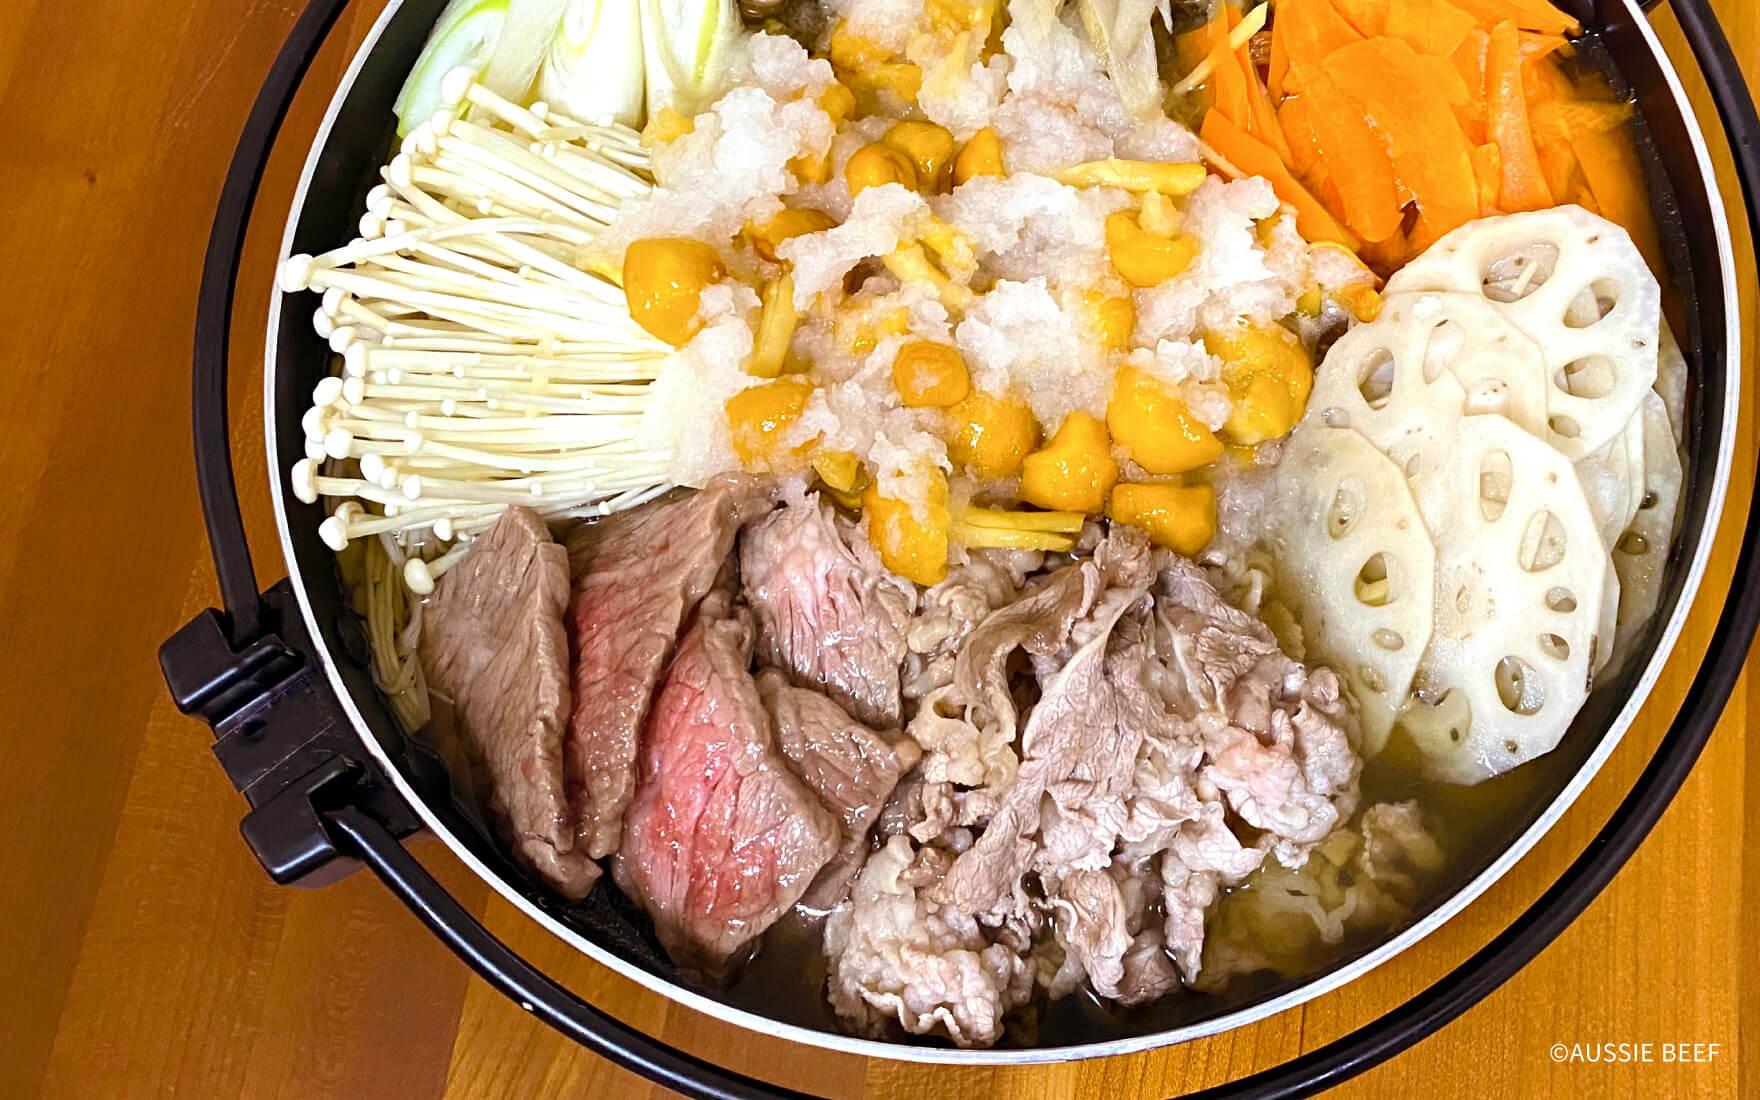 旬の根菜とオージー・ビーフ/寒い時期にピッタリの季節の野菜と組み合わせたすき焼き